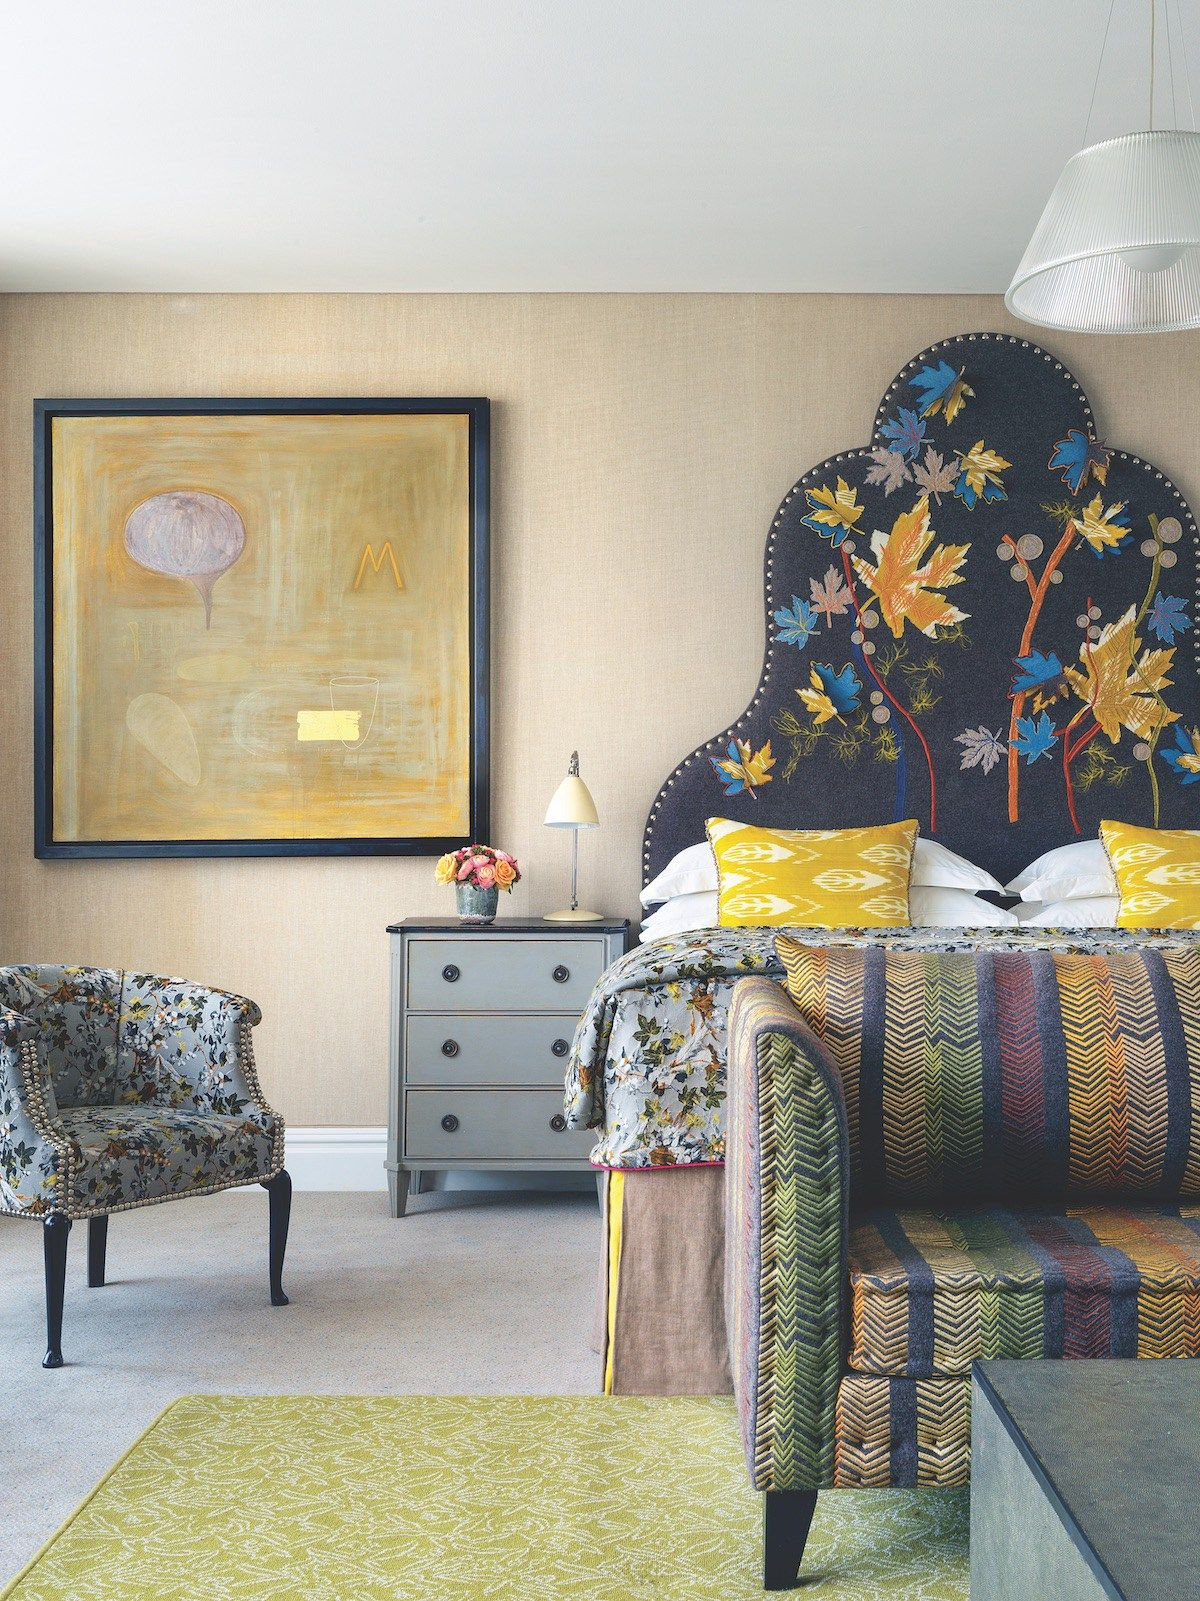 Inspired Design Bedroom Interior Headboard Cover Interior Design Bedroom